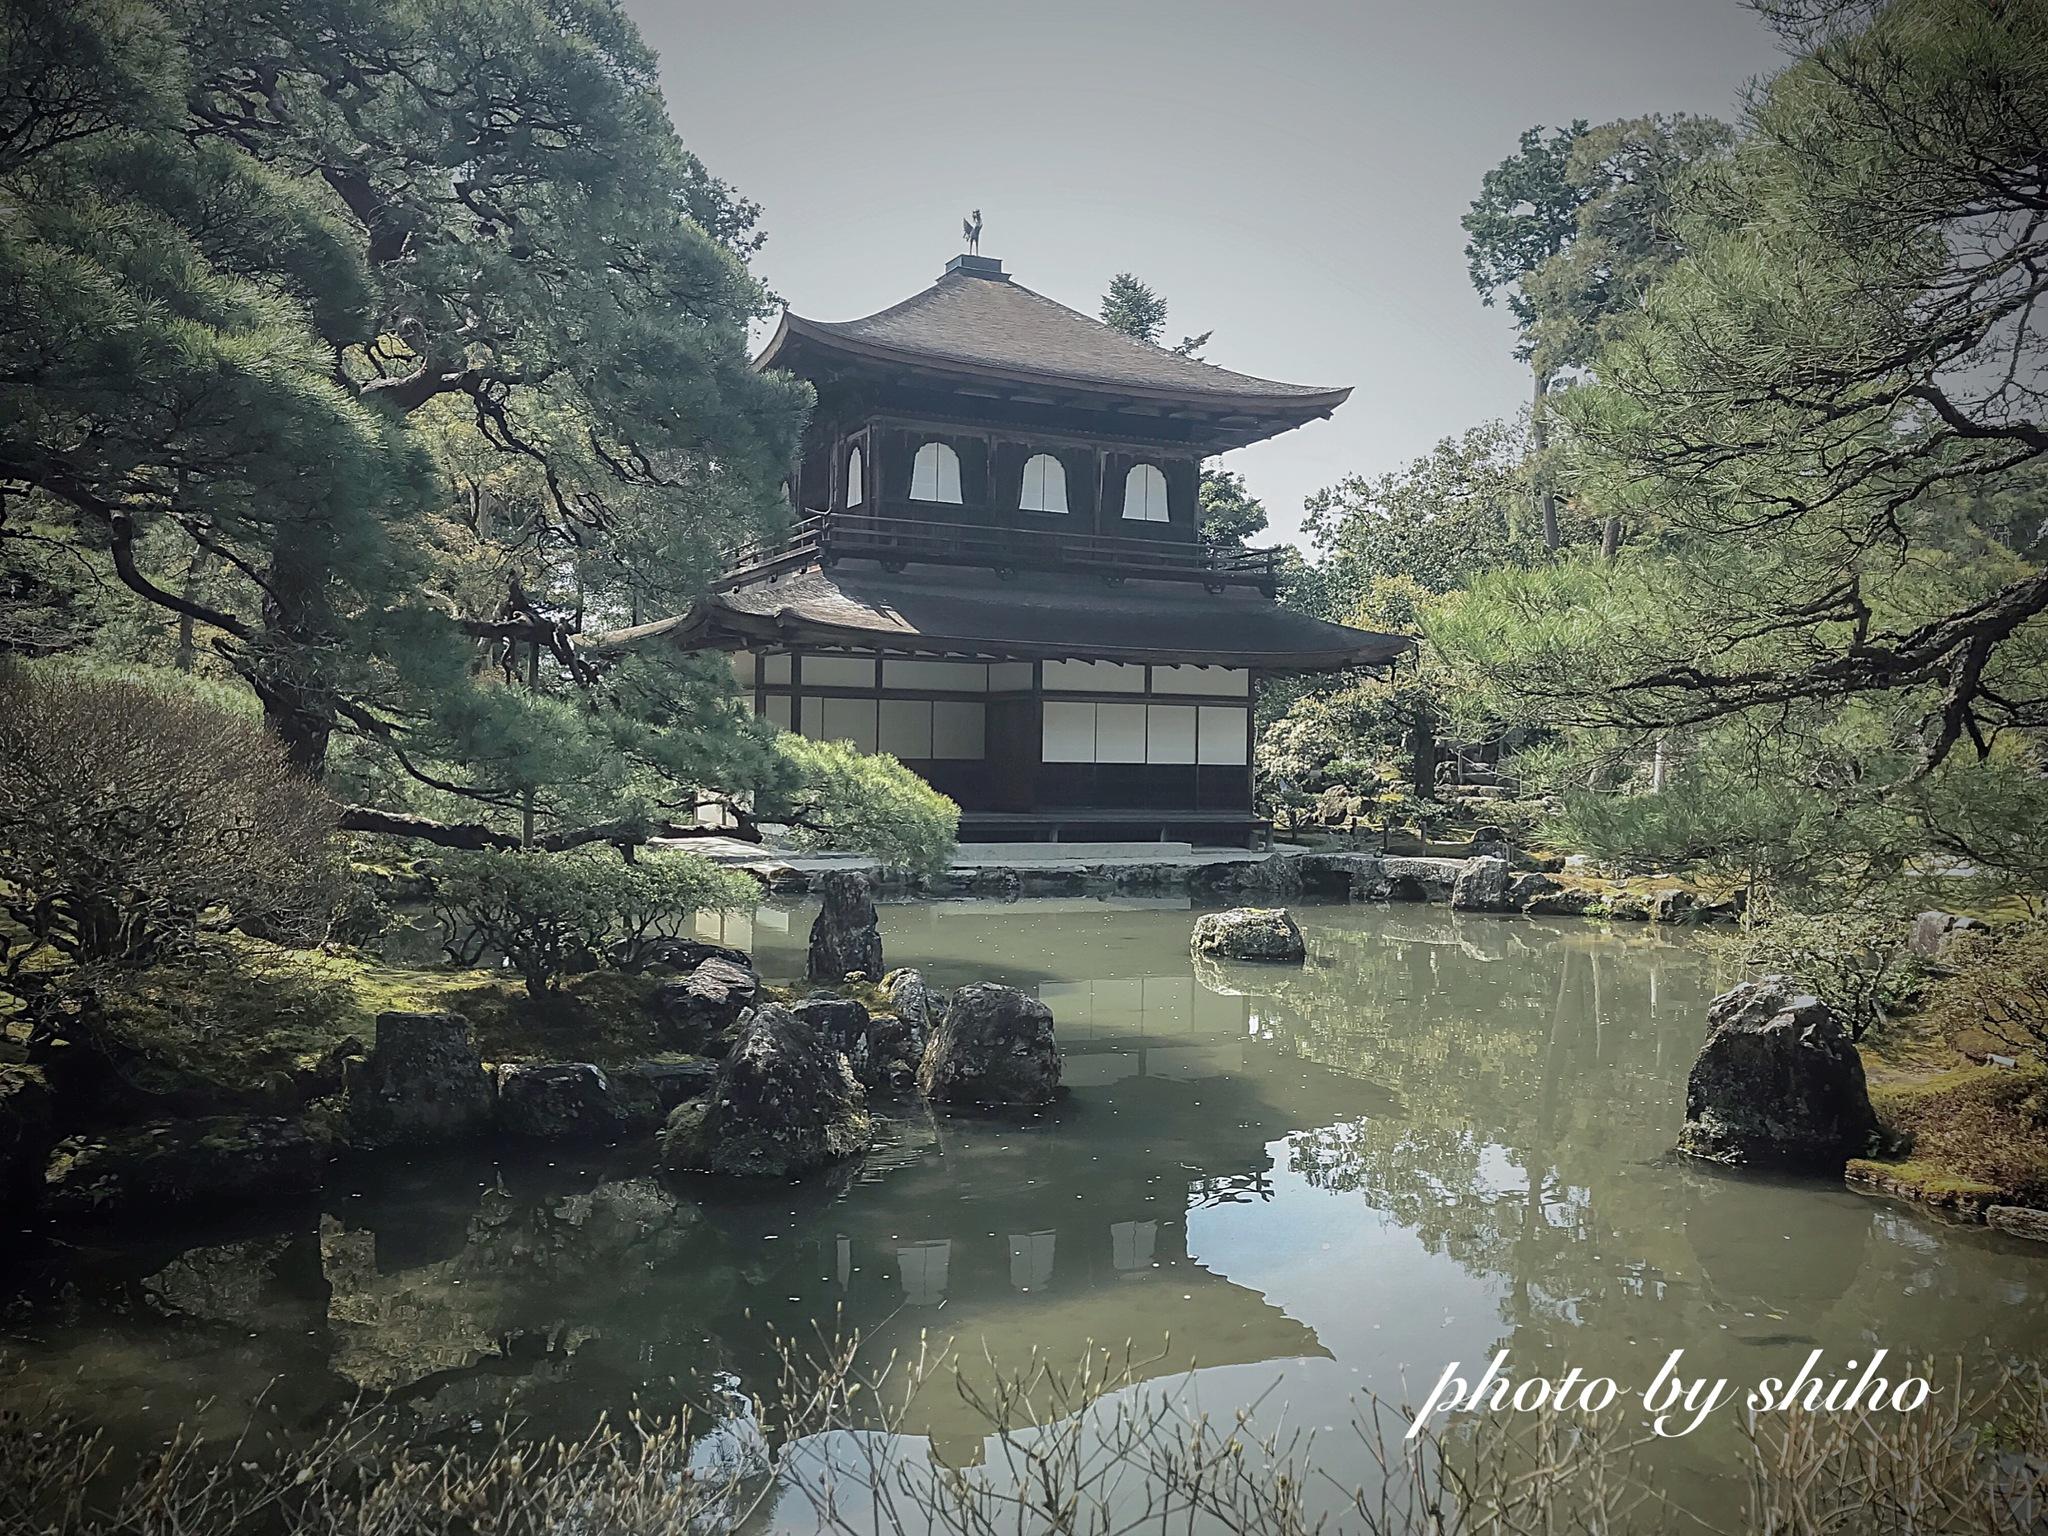 JISHOUJI-temple(GINKAKUJI) 正式名称:東山慈照寺  http://www.shokoku-ji.jp/g_about.html  http://risusan.net/?p by Shiho